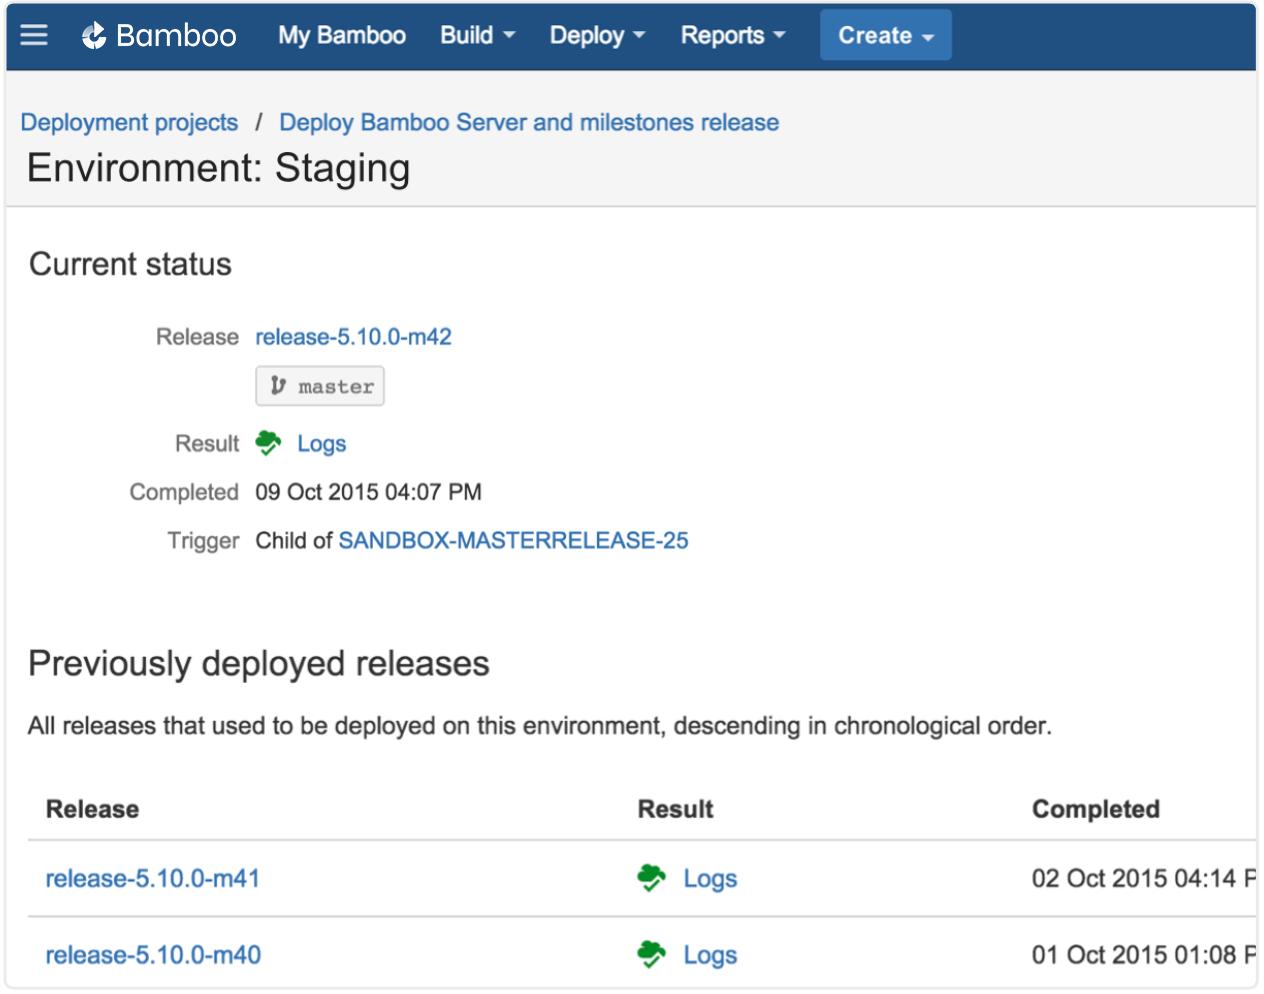 Captura de pantalla de publicaciones de entorno de ensayo del entorno Bamboo